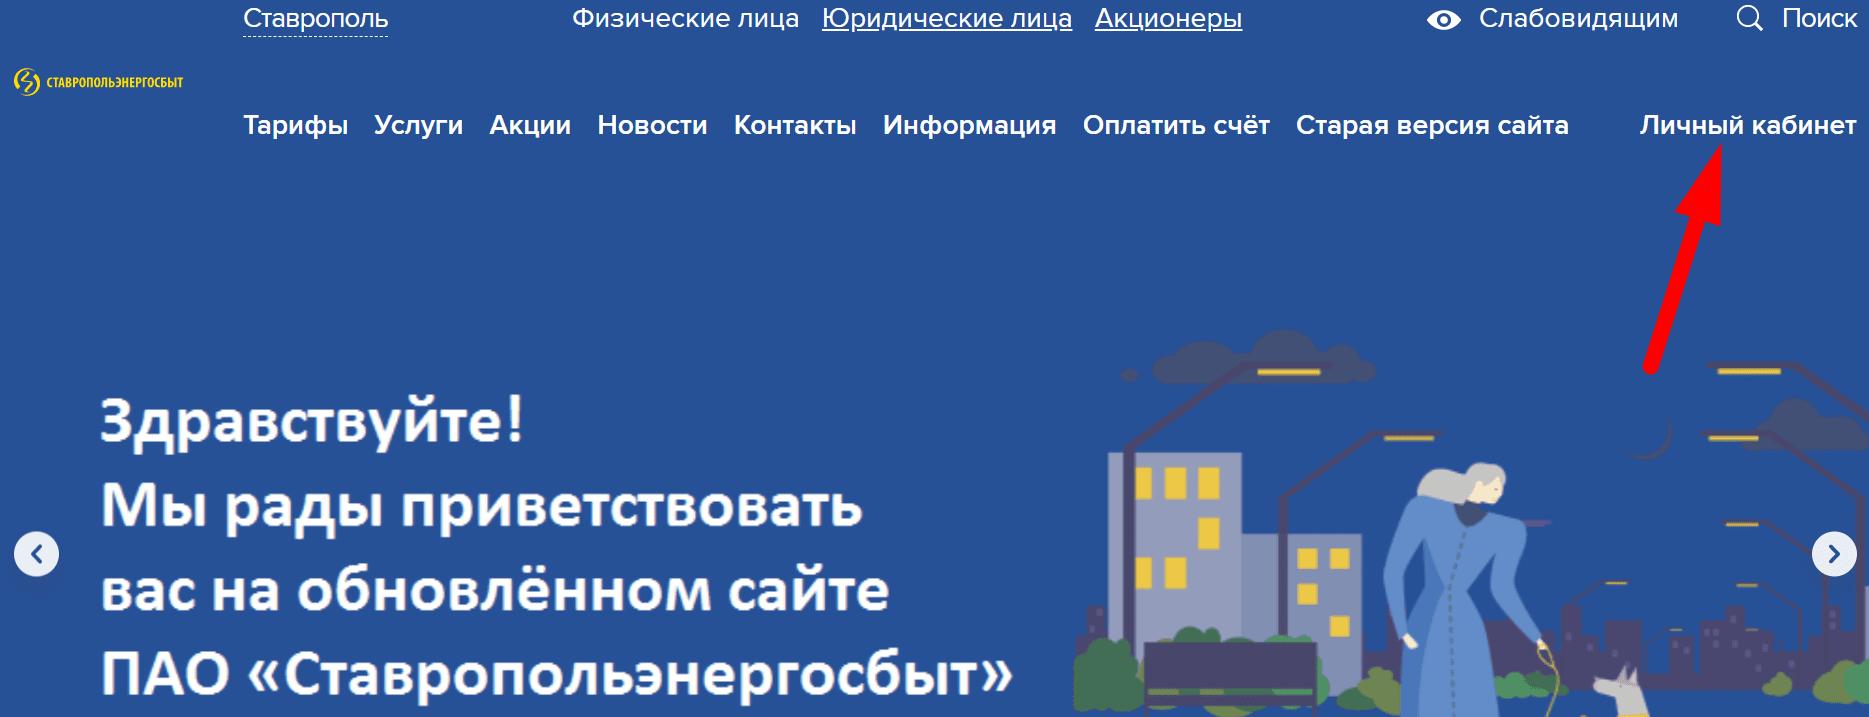 Официальный сайт поставщика электроэнергии «СтавропольЭнергосбыт»